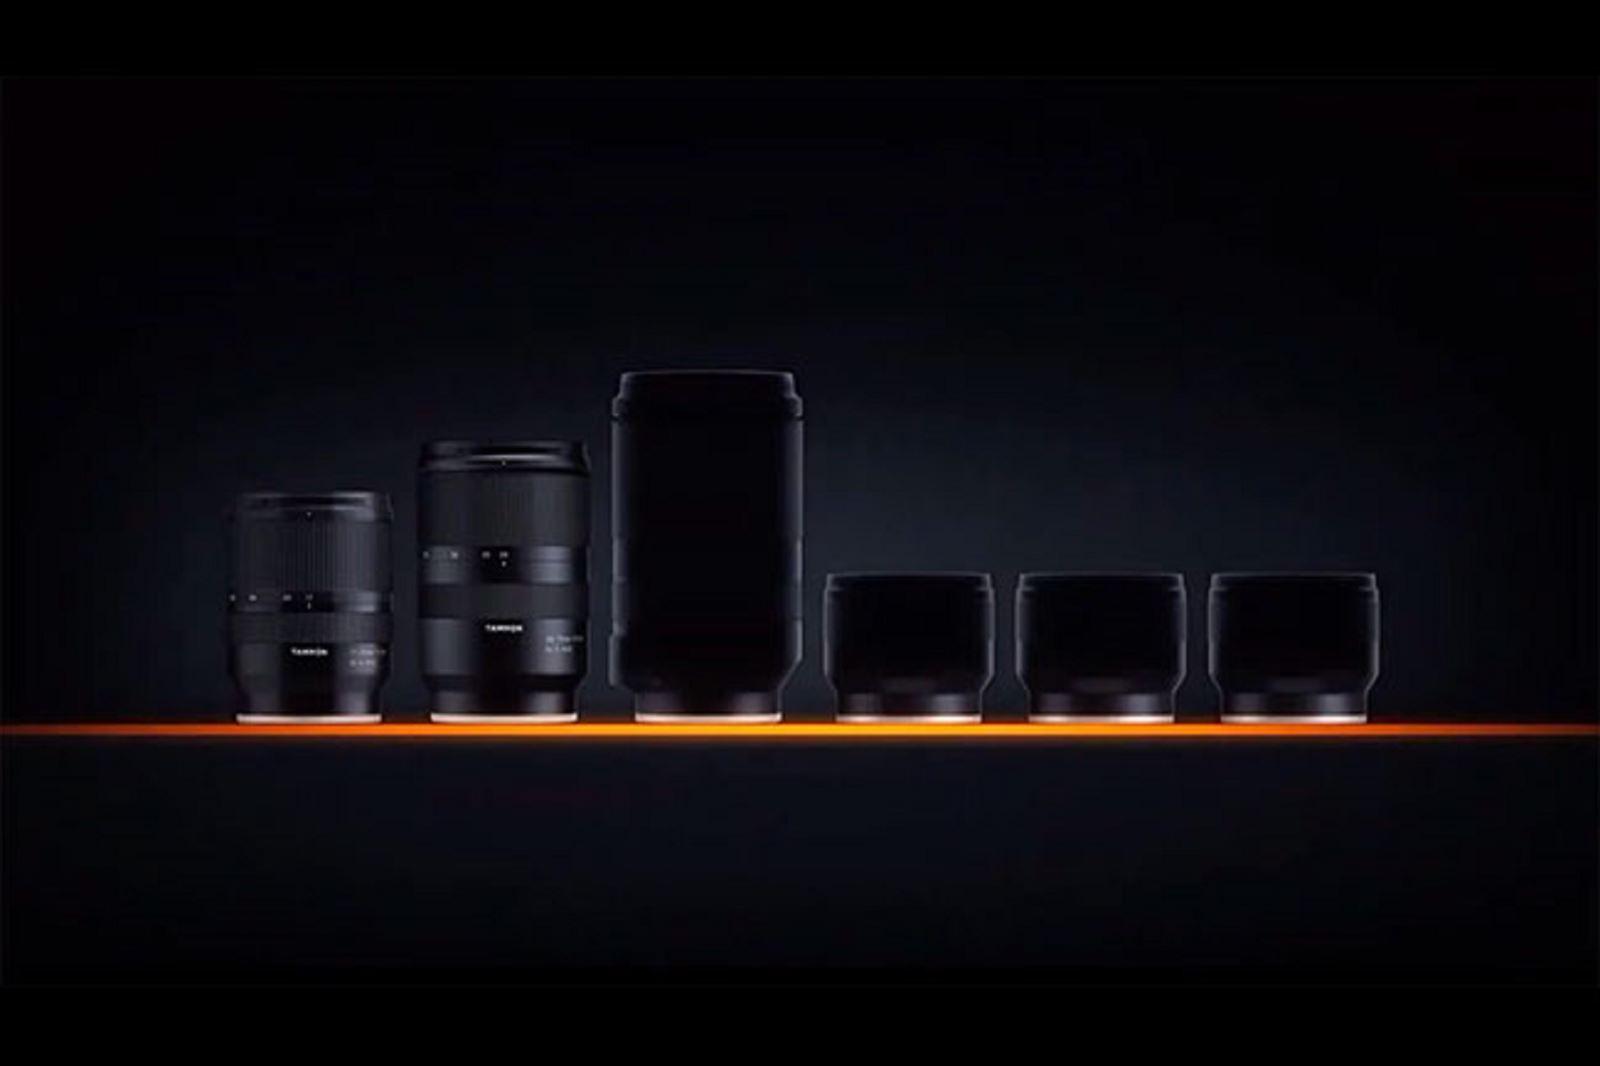 Tamrontung teaserhé lộ bốn ống kínhmớidành cho máy ảnhSony ngàm E